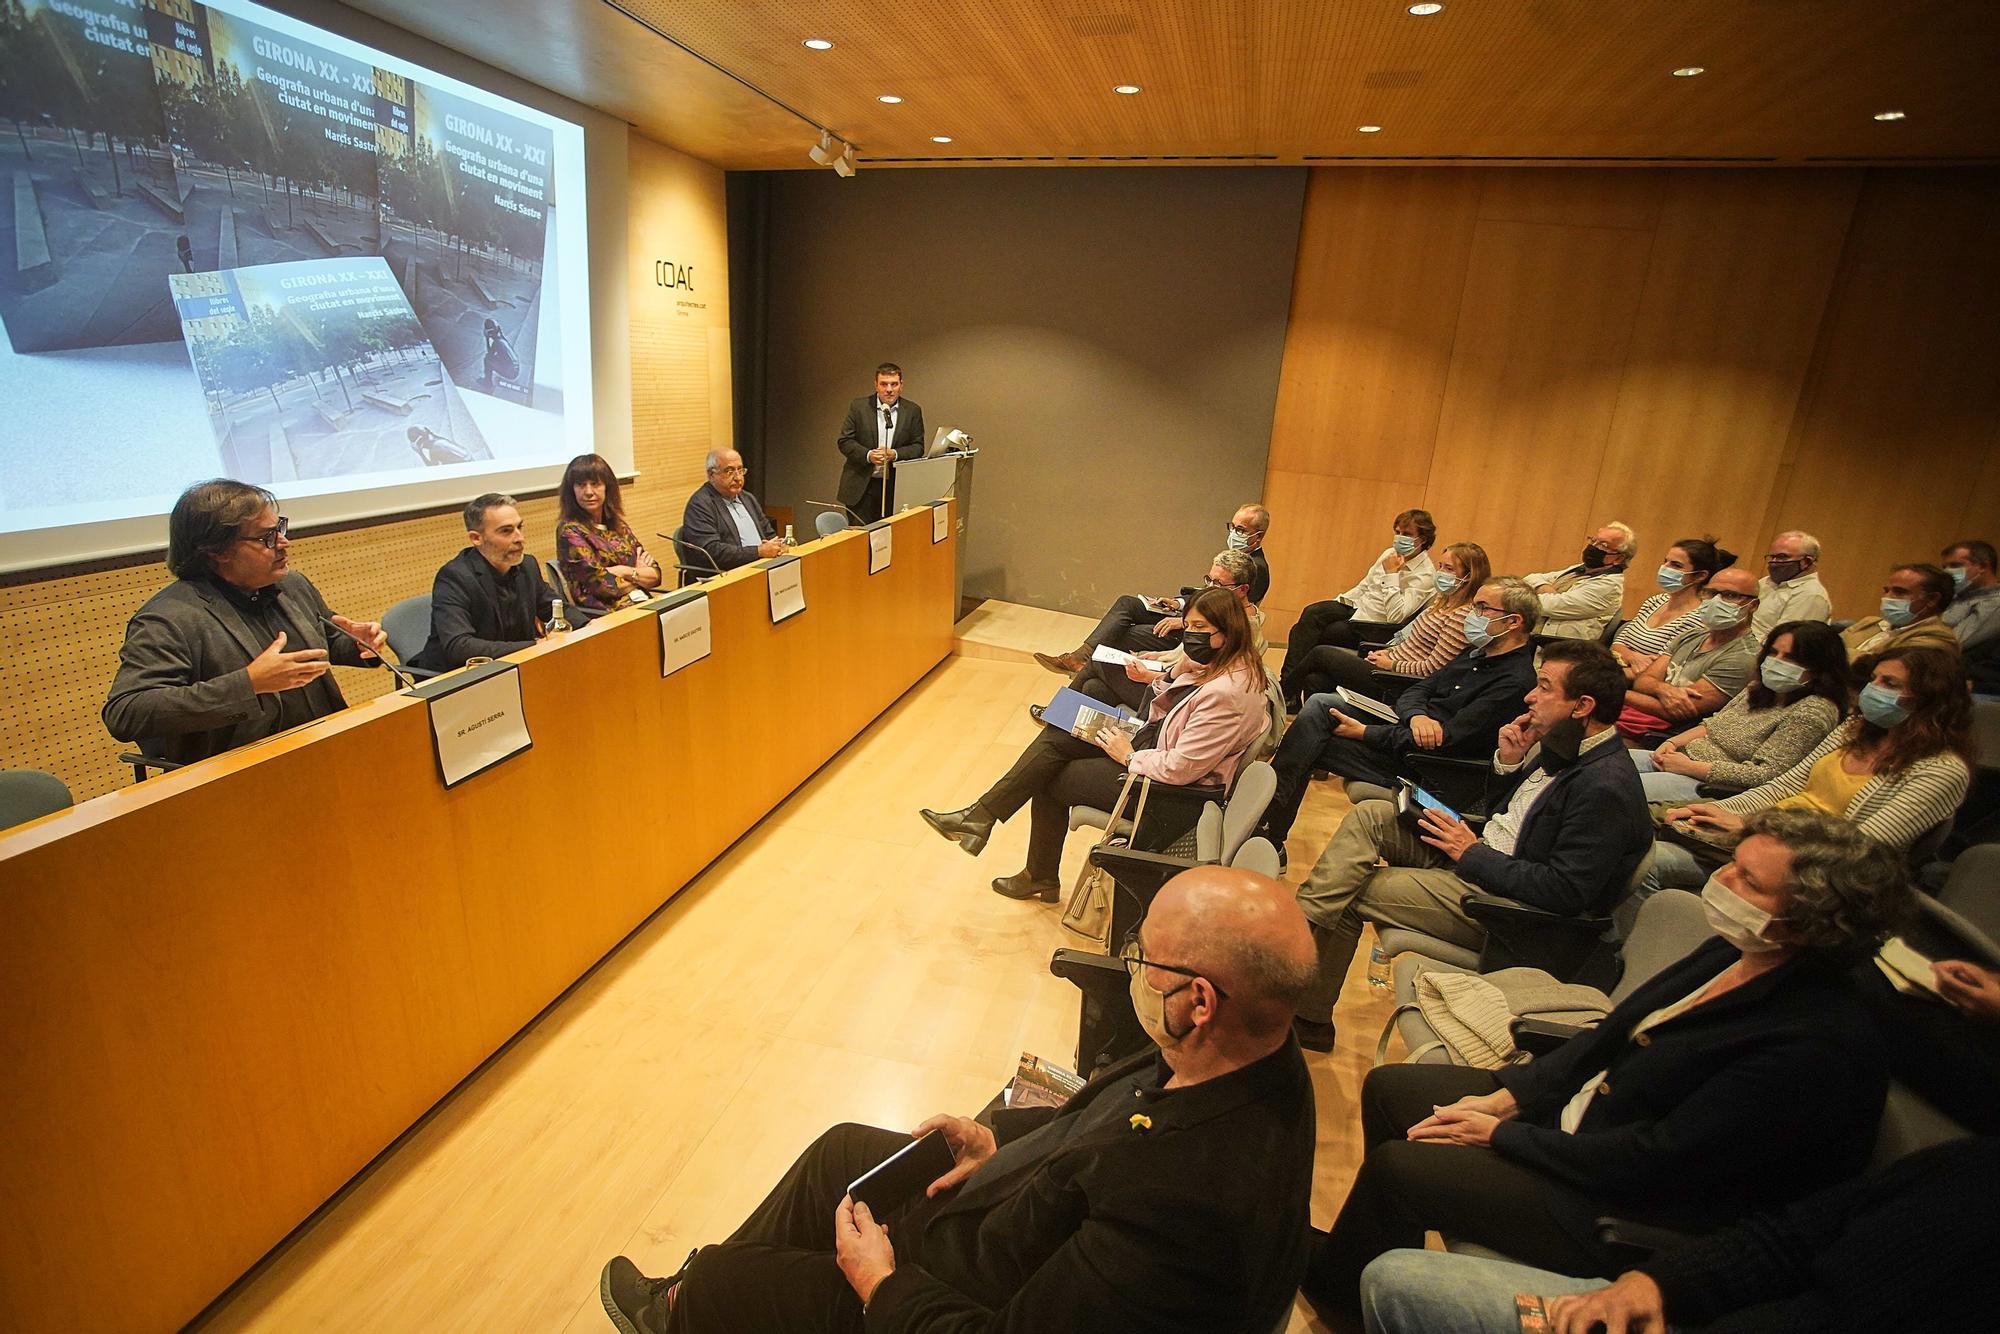 Presentació del llibre «Girona XX-XXI. Geografia urbana d'una ciutat en moviment» del geògraf Narcís Sastre